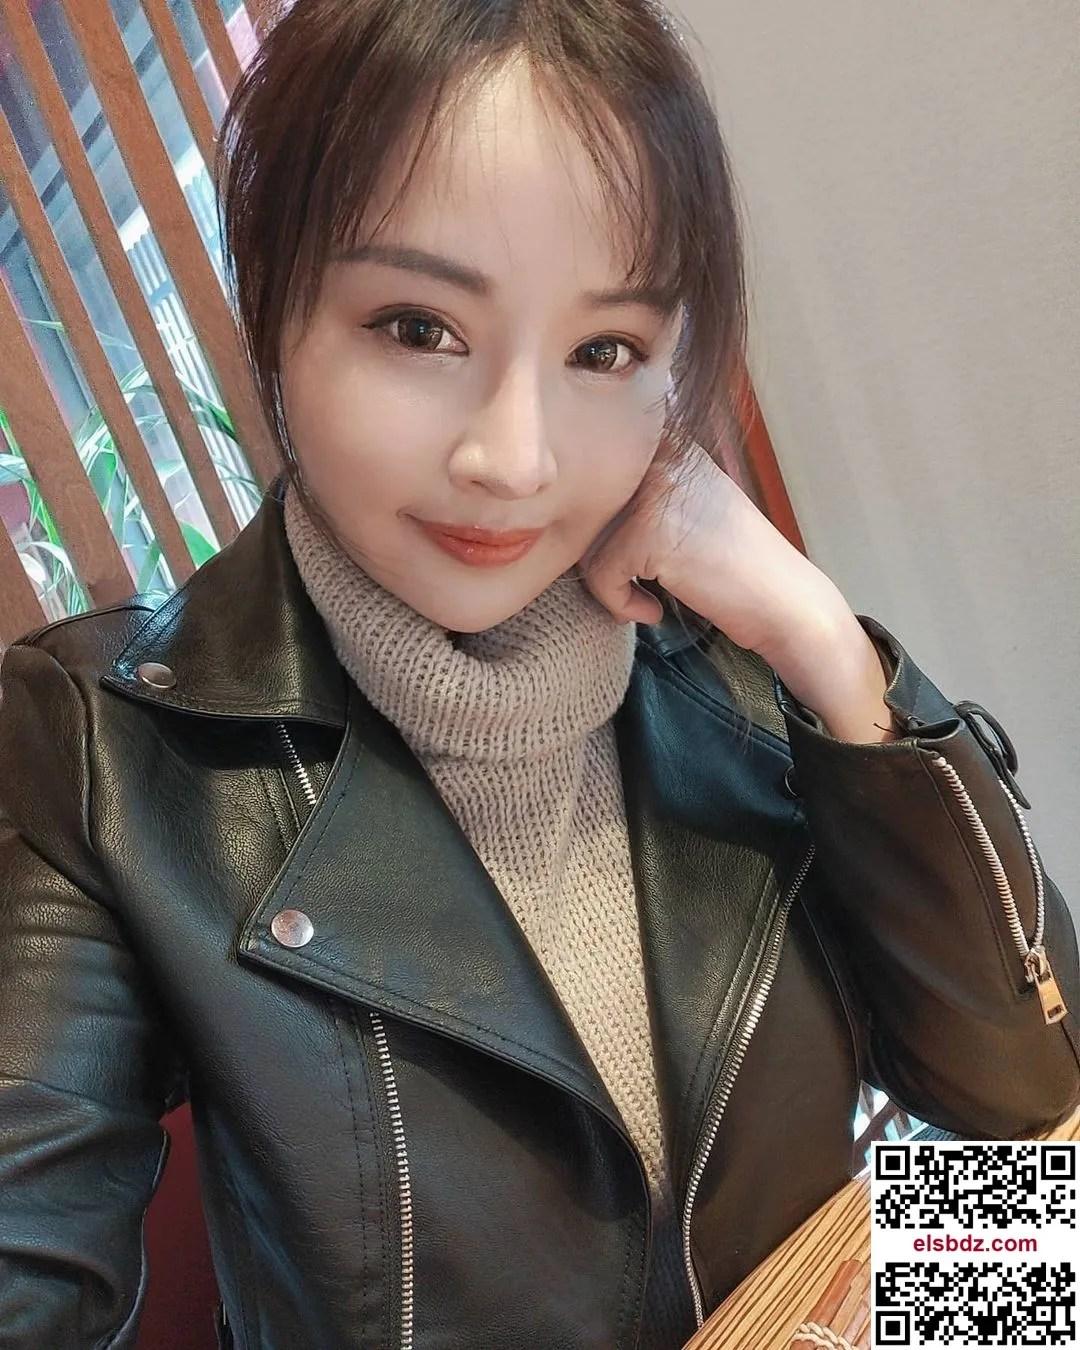 """Lei Yi """"发育成熟的美乳"""" 粉丝看了忍不住大赞插图(3)"""